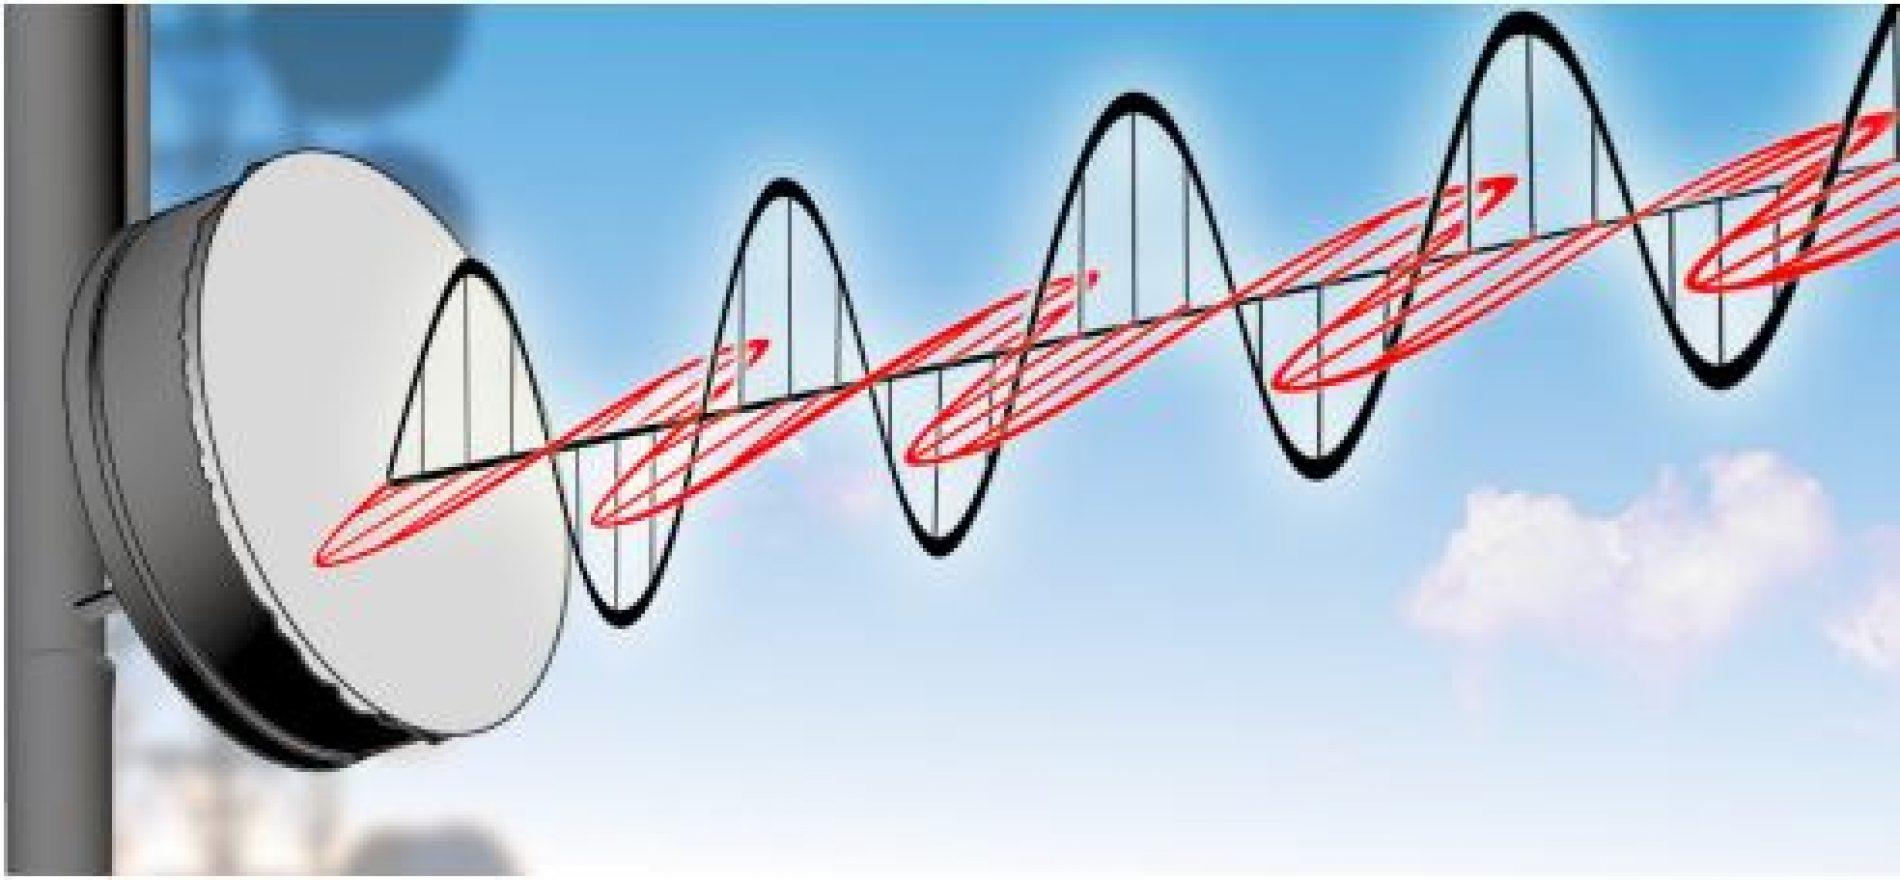 Radioenlaces: ¿En qué consiste la técnica XPIC?